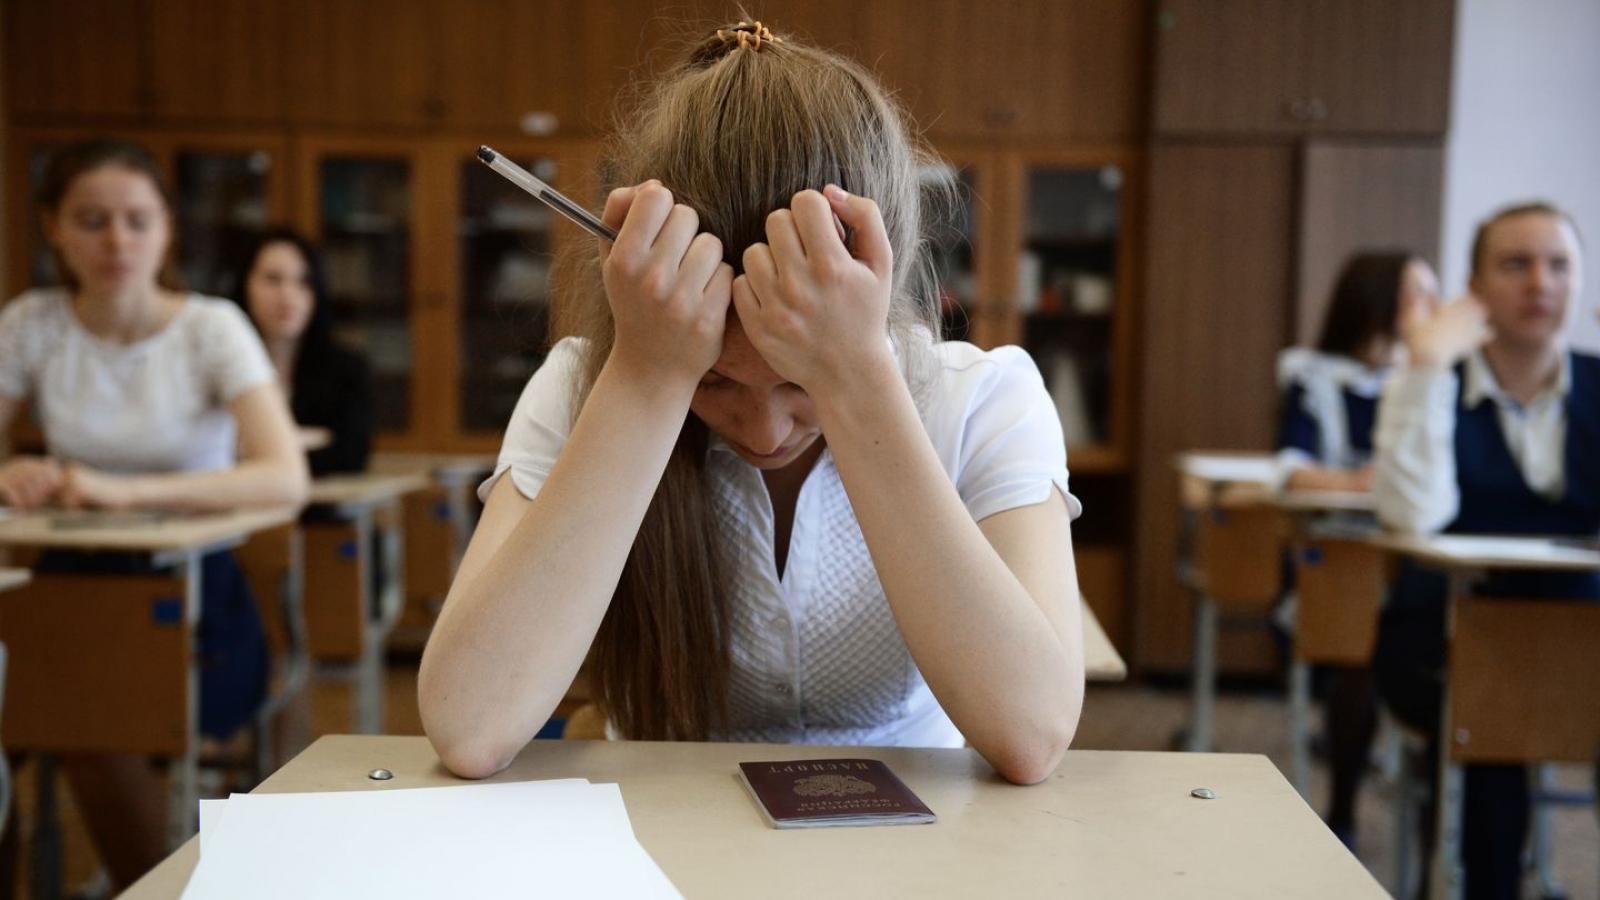 ЕГЭ по математике не сдали 75 человек на Вологодчине